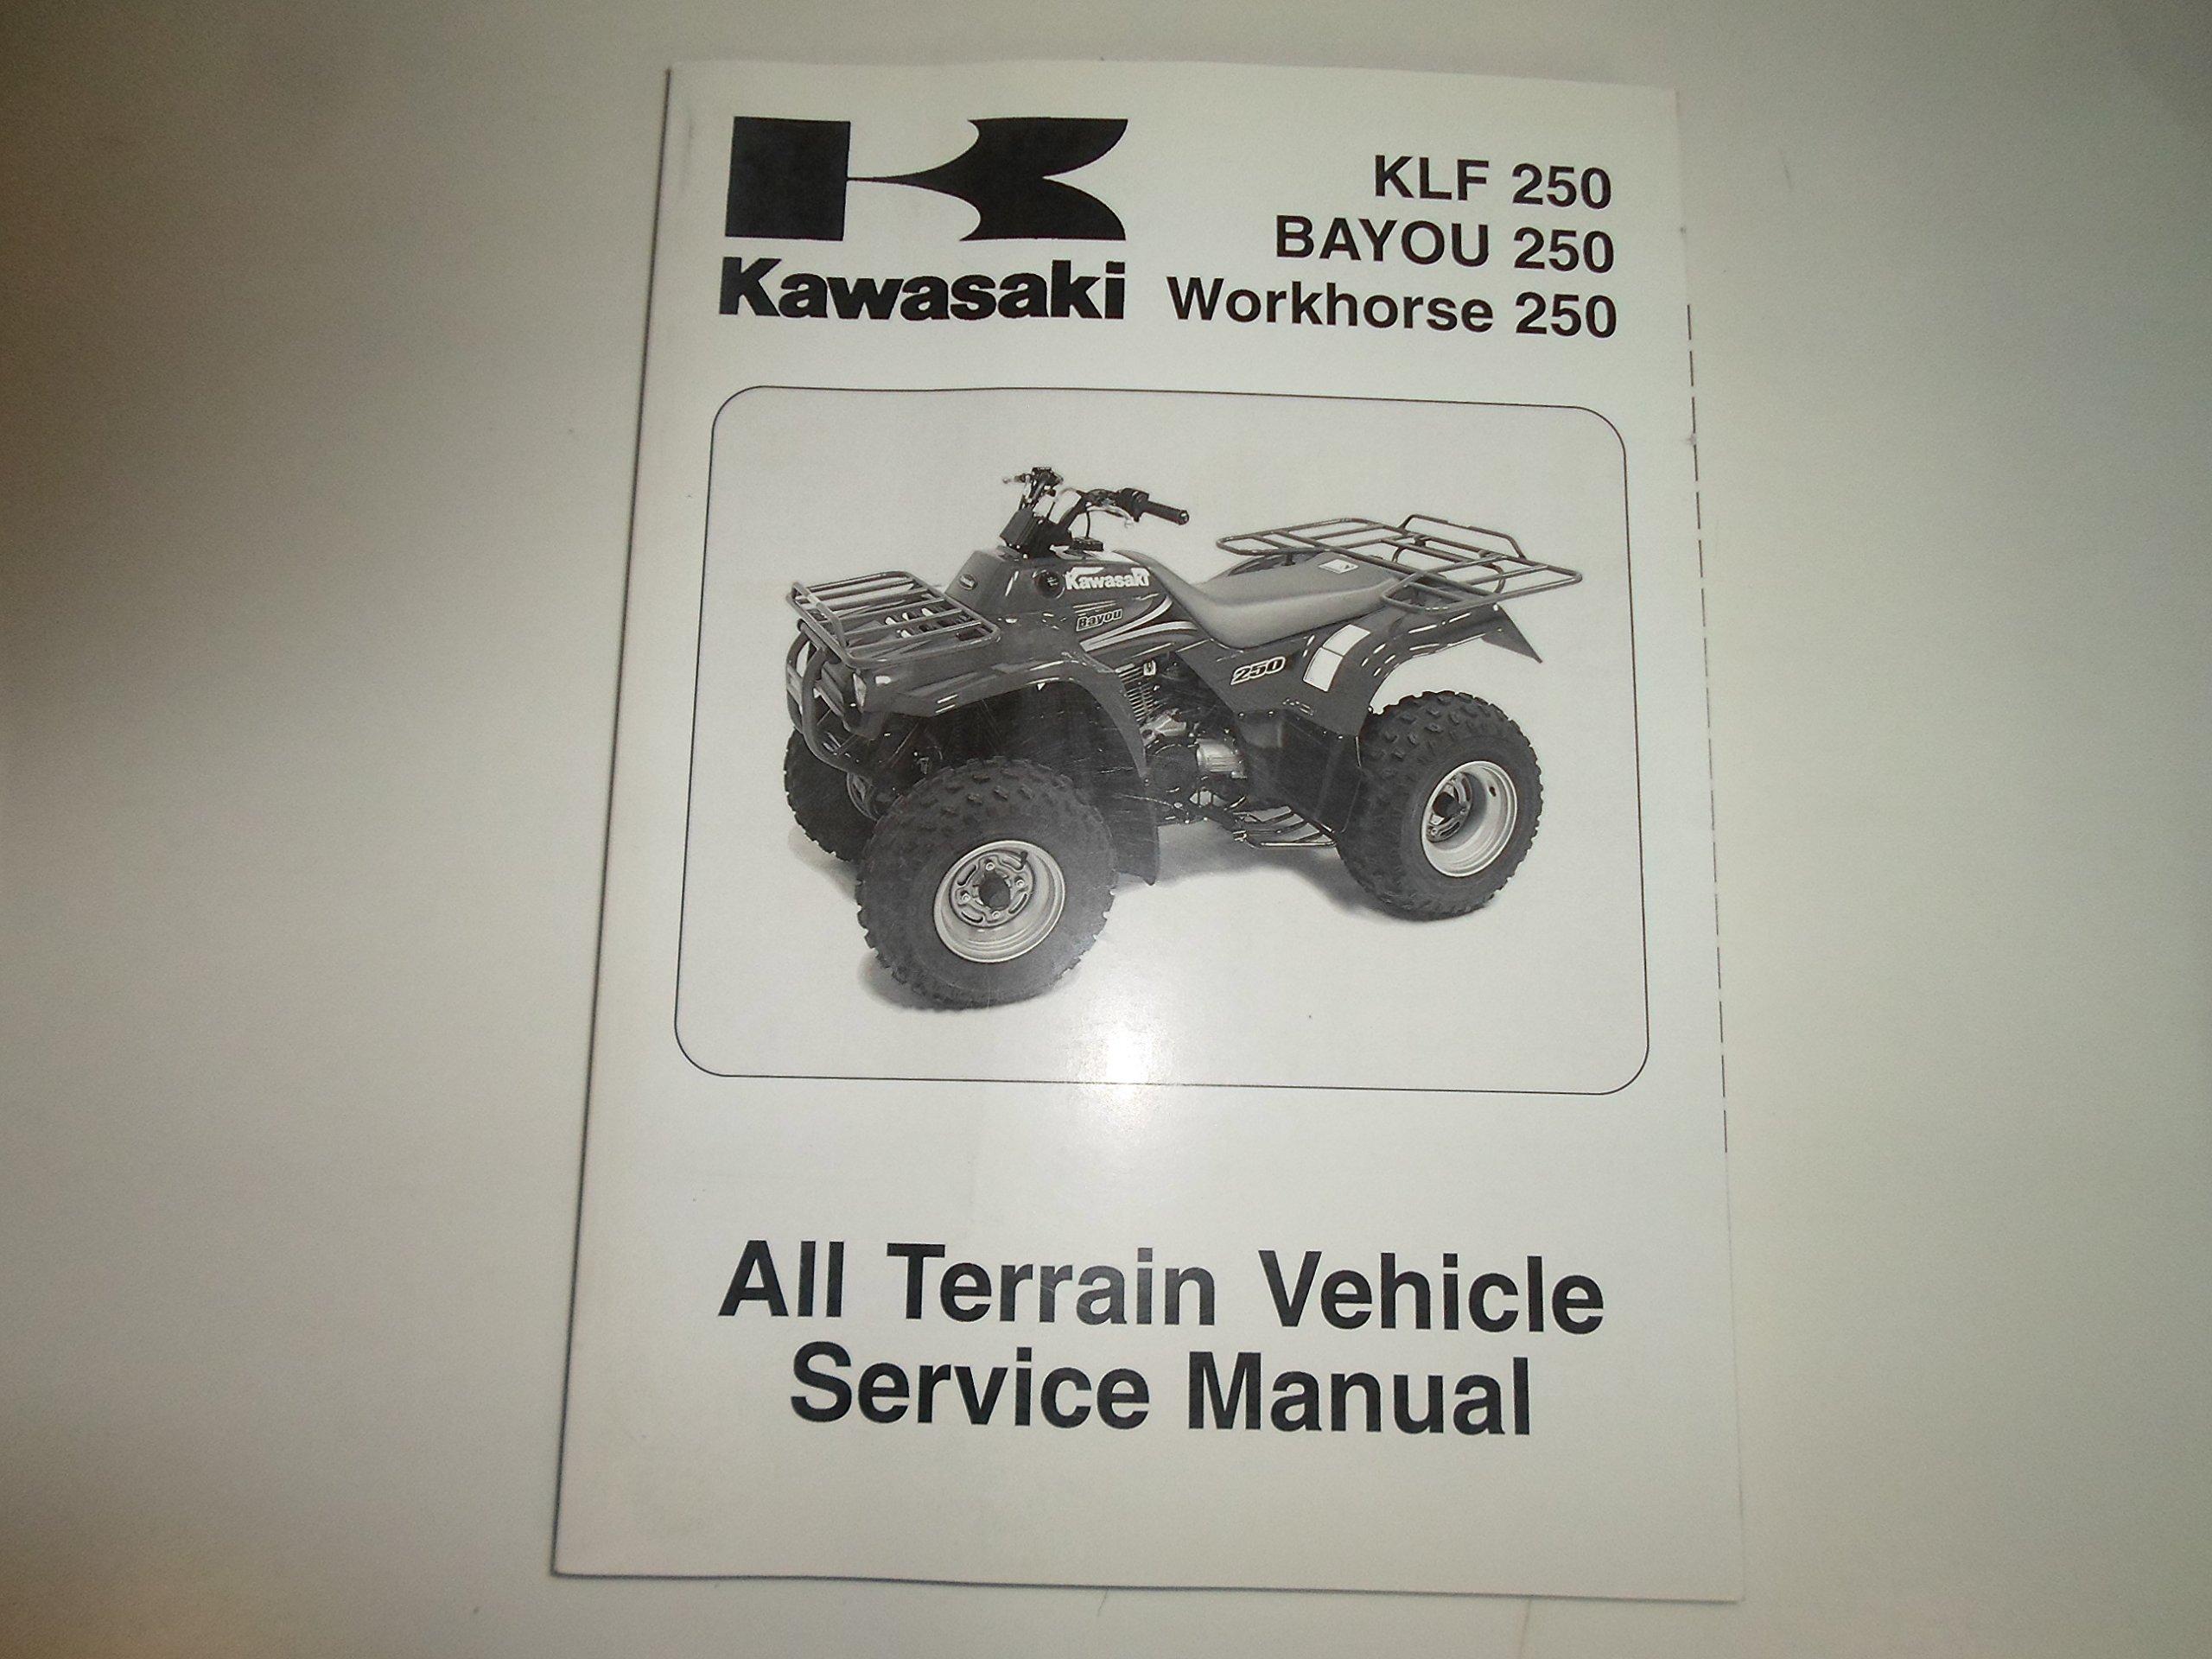 2003 2008 Kawasaki KLF 250 BAYOU 250 WORKHORSE 250 ATV Service Manual  STAINED: KAWASAKI: Amazon.com: Books